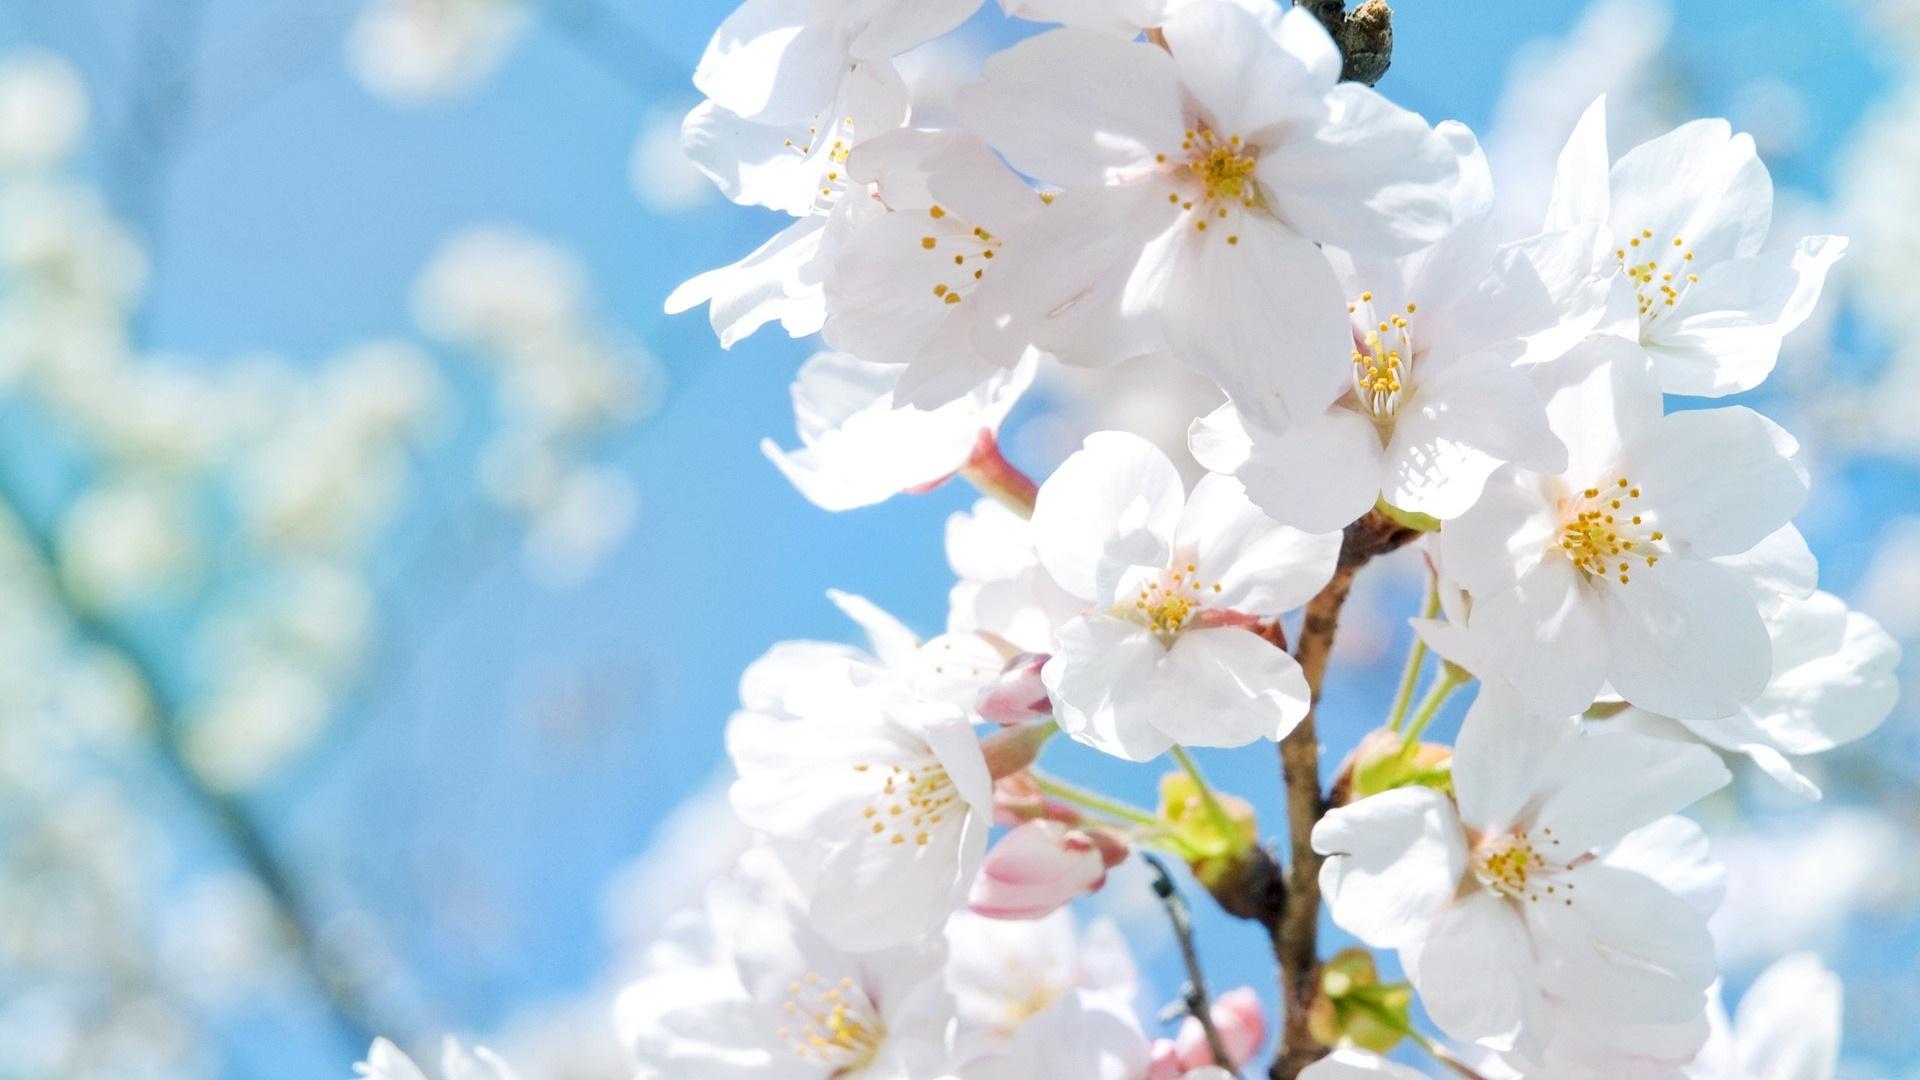 Fonds d'écran Blanches fleurs de cerisier au printemps 1920x1080 Full HD image